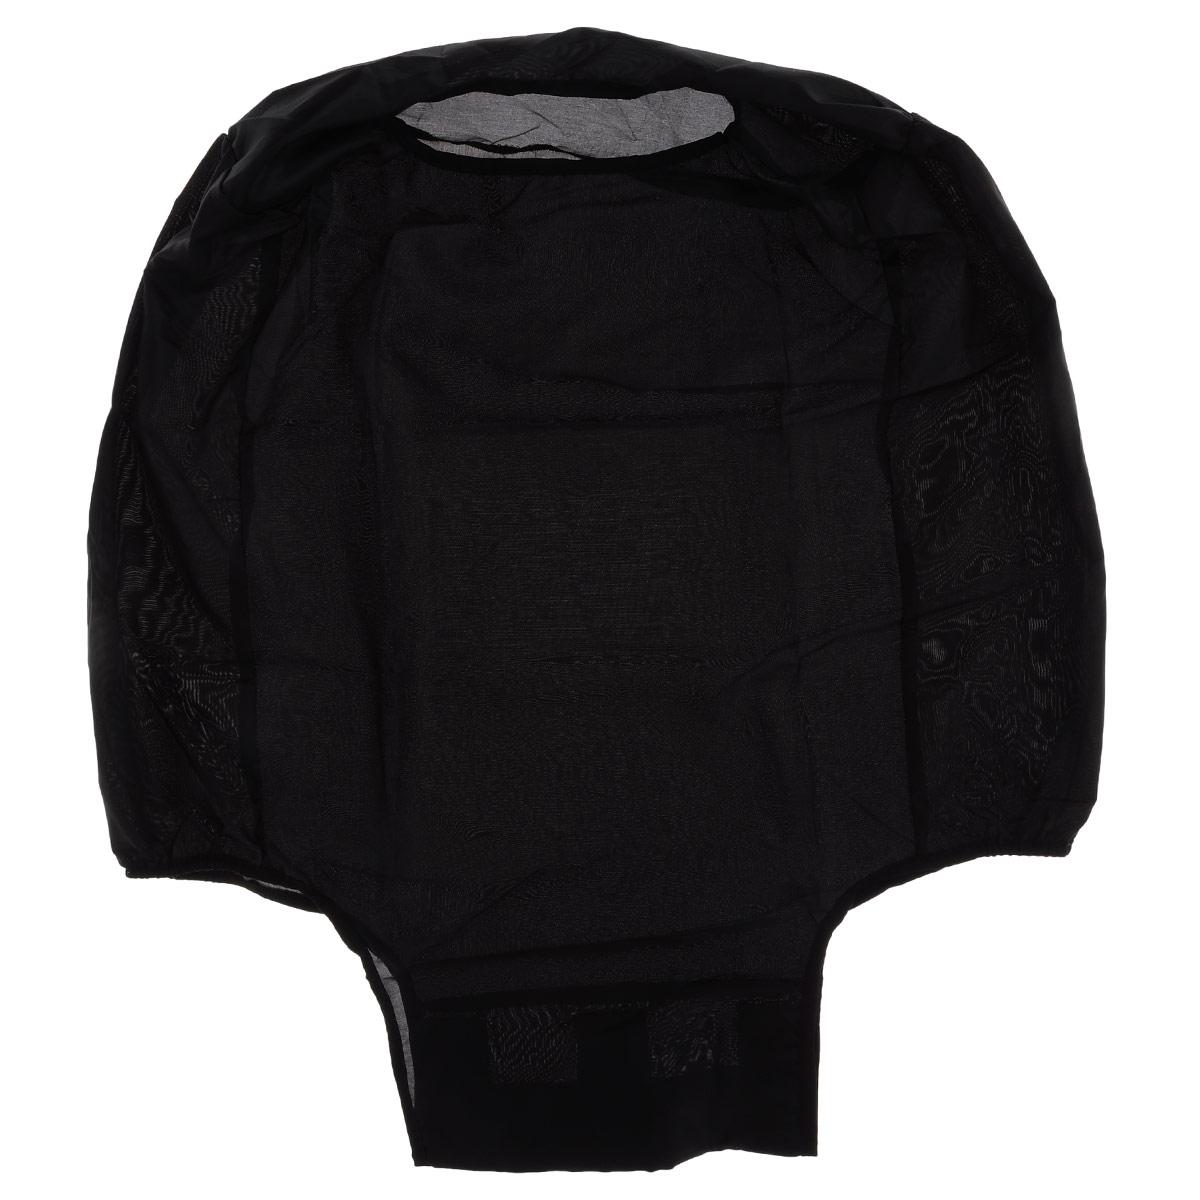 Чехол защитный для чемодана Eva, цвет: черный, 62 см х 42 см х 28 смК44Защитный чехол для чемодана Eva выполнен из водоотталкивающего материала - полиэстера. Чехол легко надевается и фиксируется при помощи липучек. Регулируется по высоте и степени наполненности. Чехол защитит ваш багаж от загрязнений, царапин и несанкционированного доступа, а также значительно продлит срок службы вашего чемодана.Размер чехла: 62 см х 42 см х 28 см.